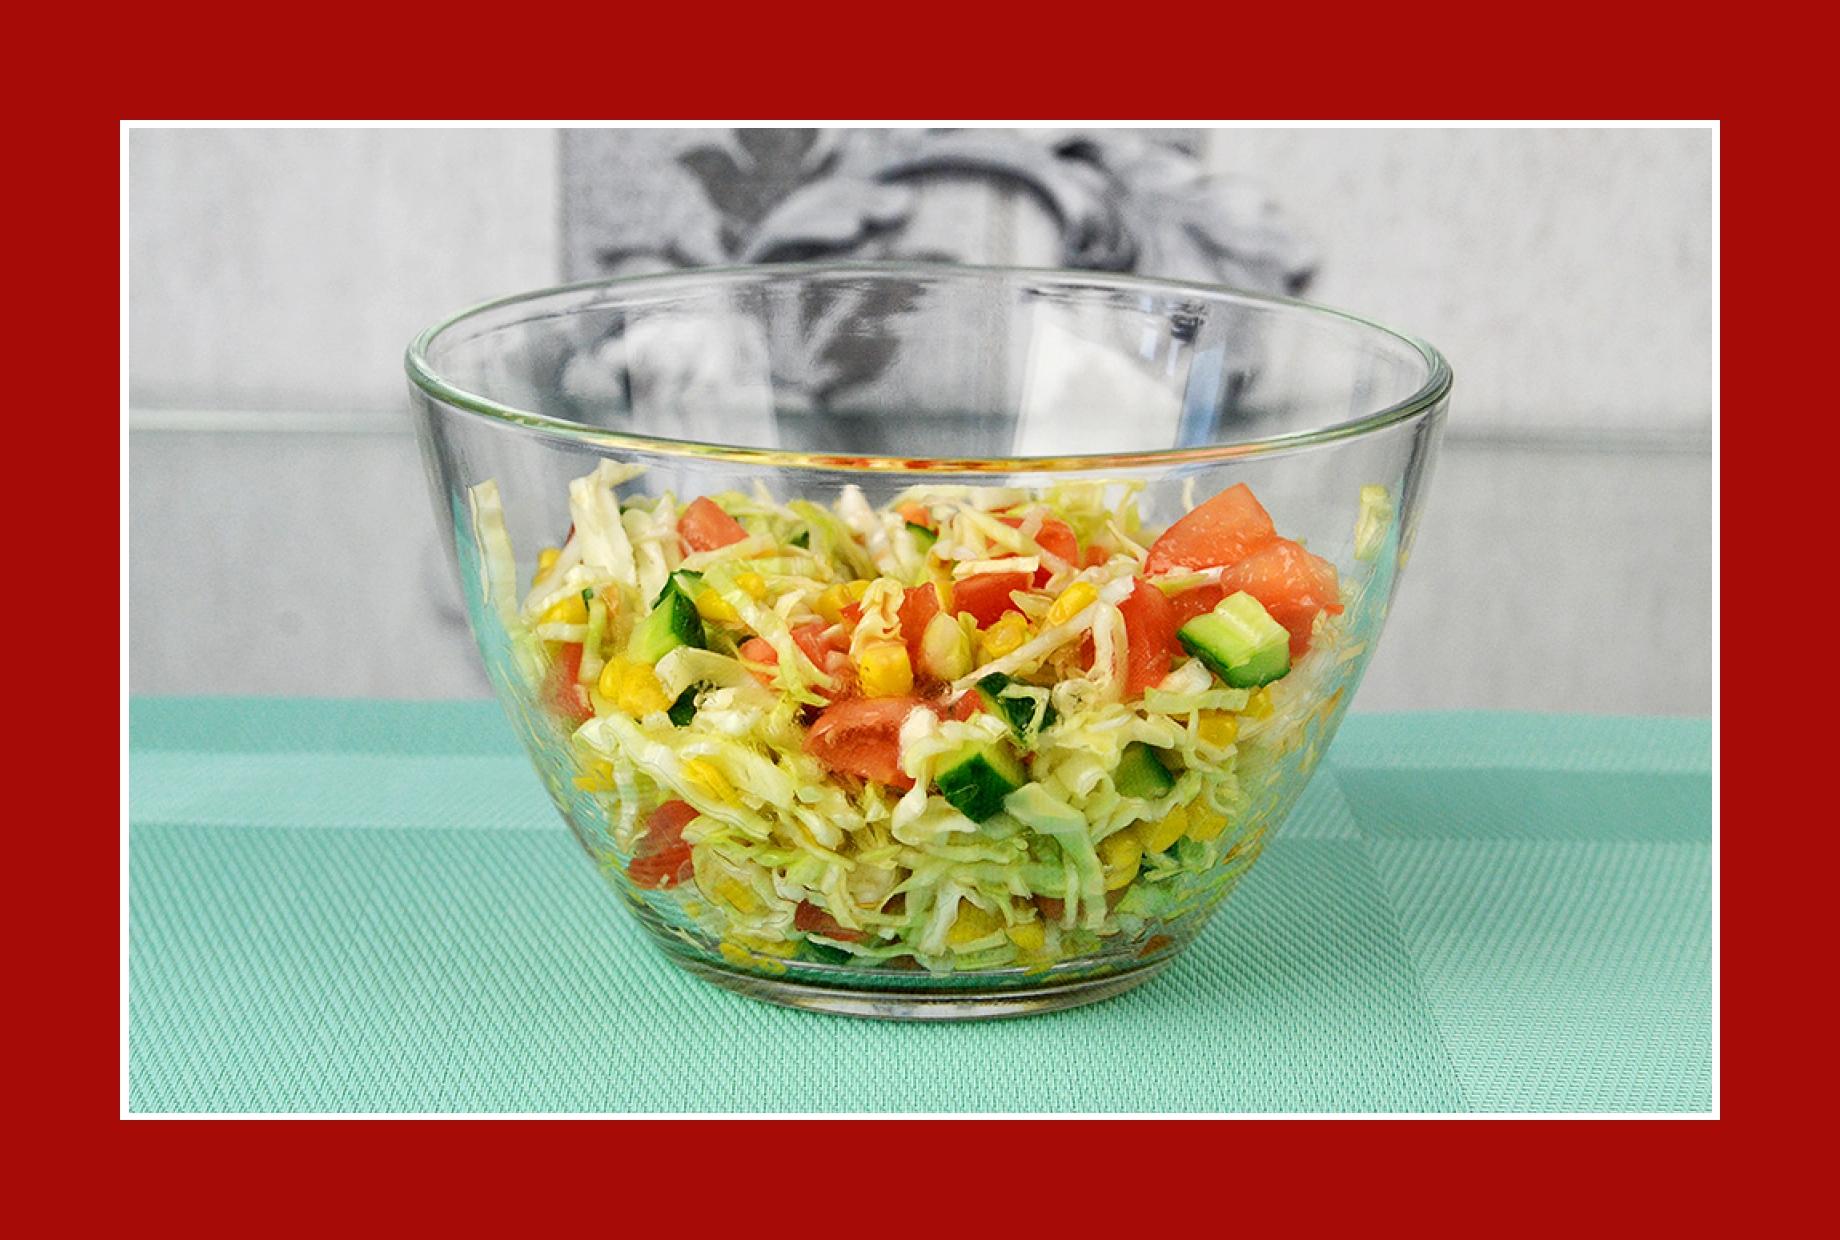 Sommersalat zum Grillen mit Tomaten, Gurken, Kohl und Mais